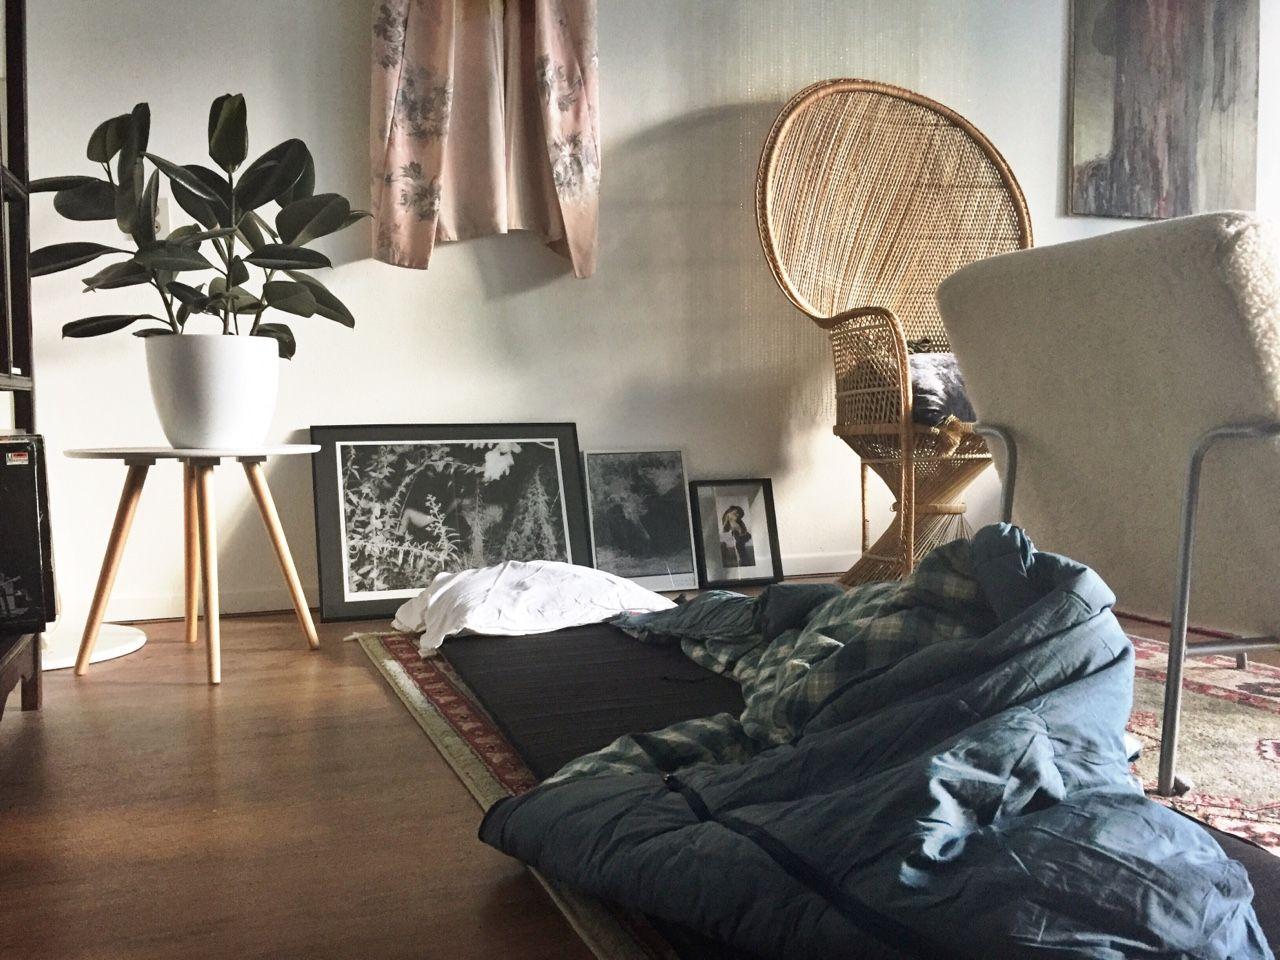 Beds I've slept in, 2015. Tweede Oosterparkstraat, Amsterdam tumblr: allesiseenillusie